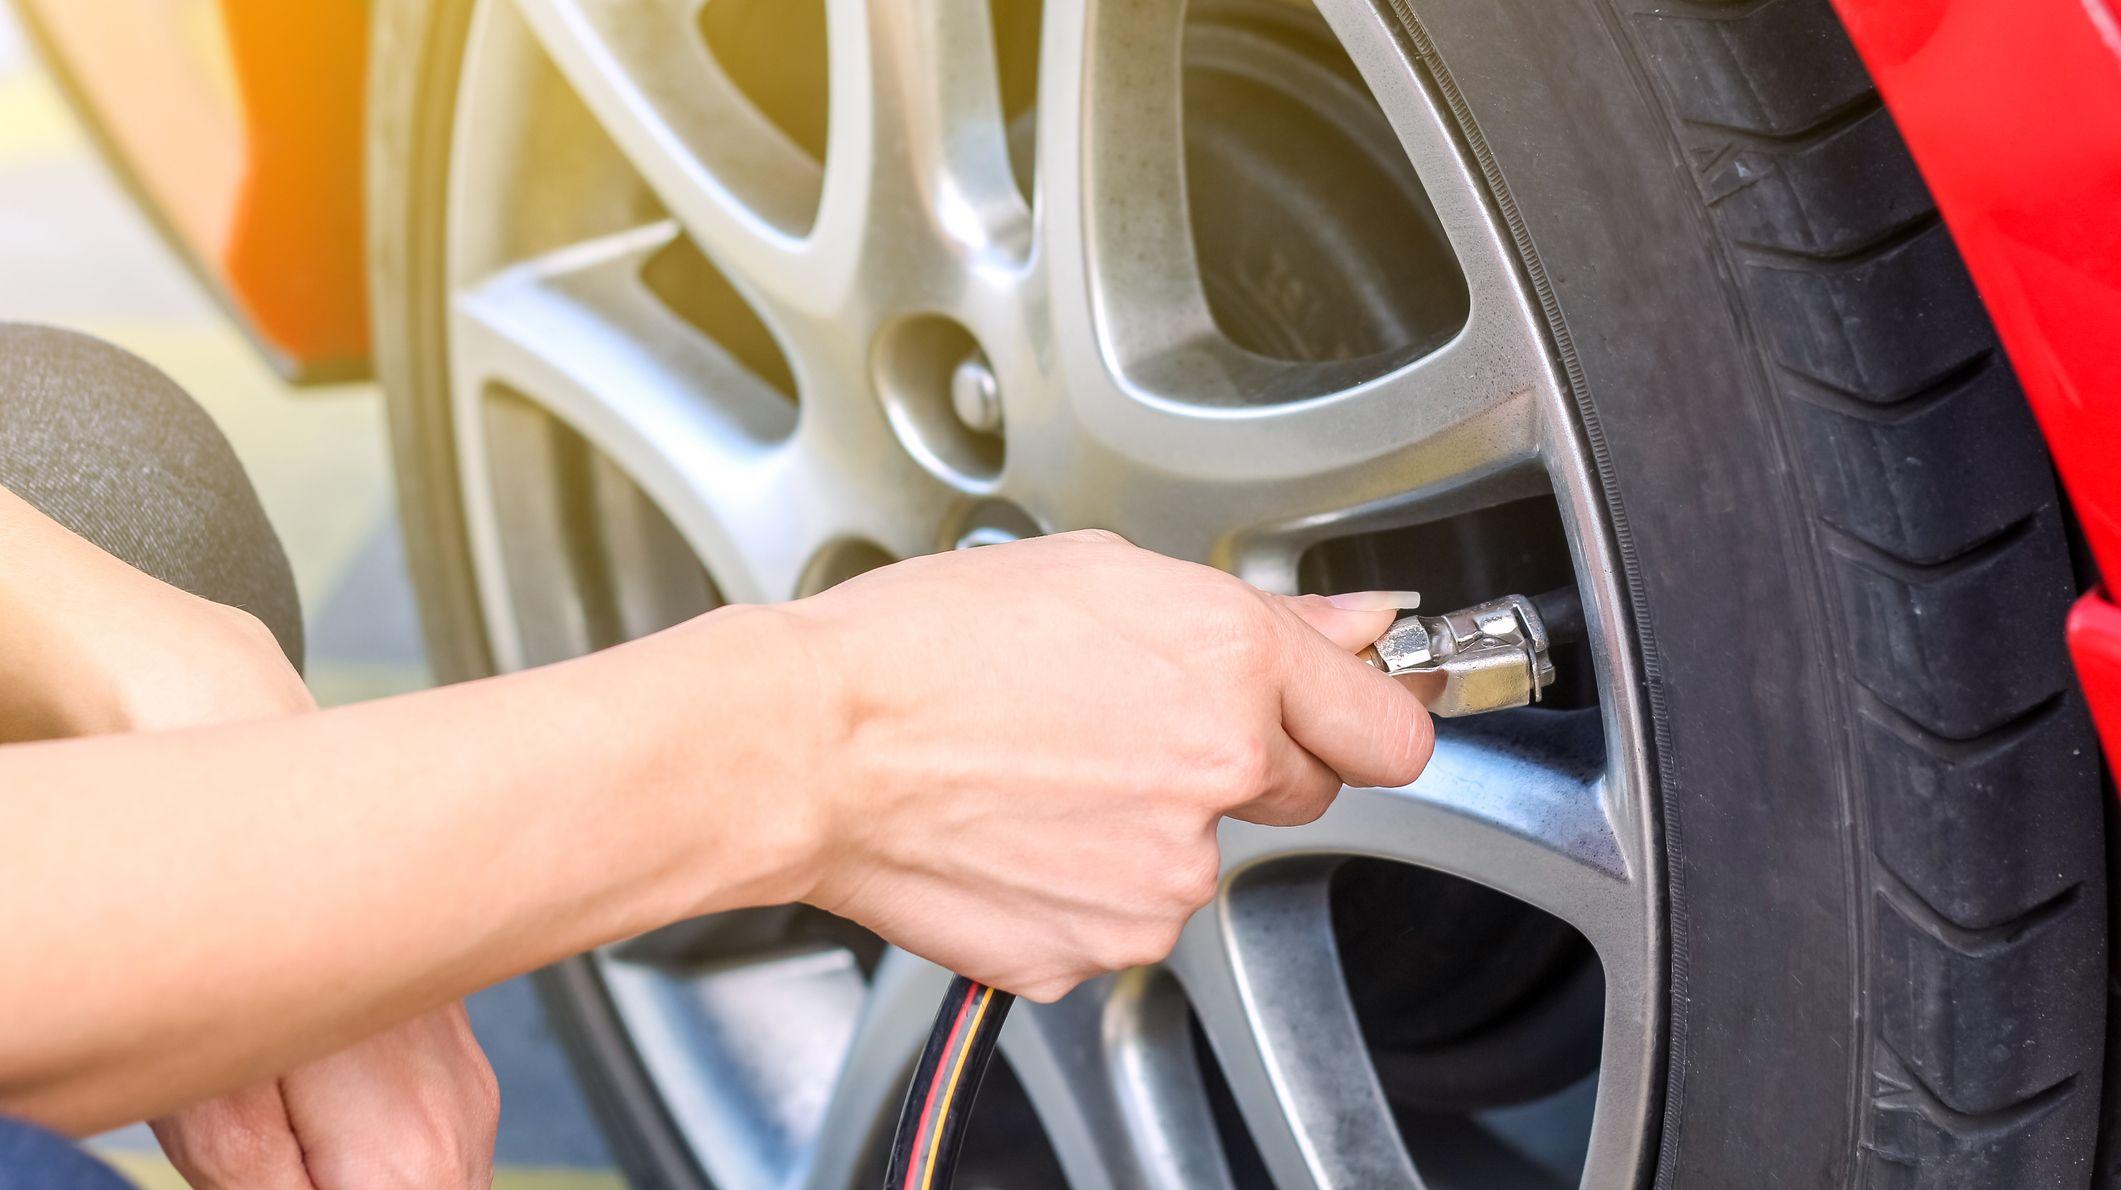 Ce sunt suspensiile pneumatice – un covor magic zburător sau un coșmar tehnic?